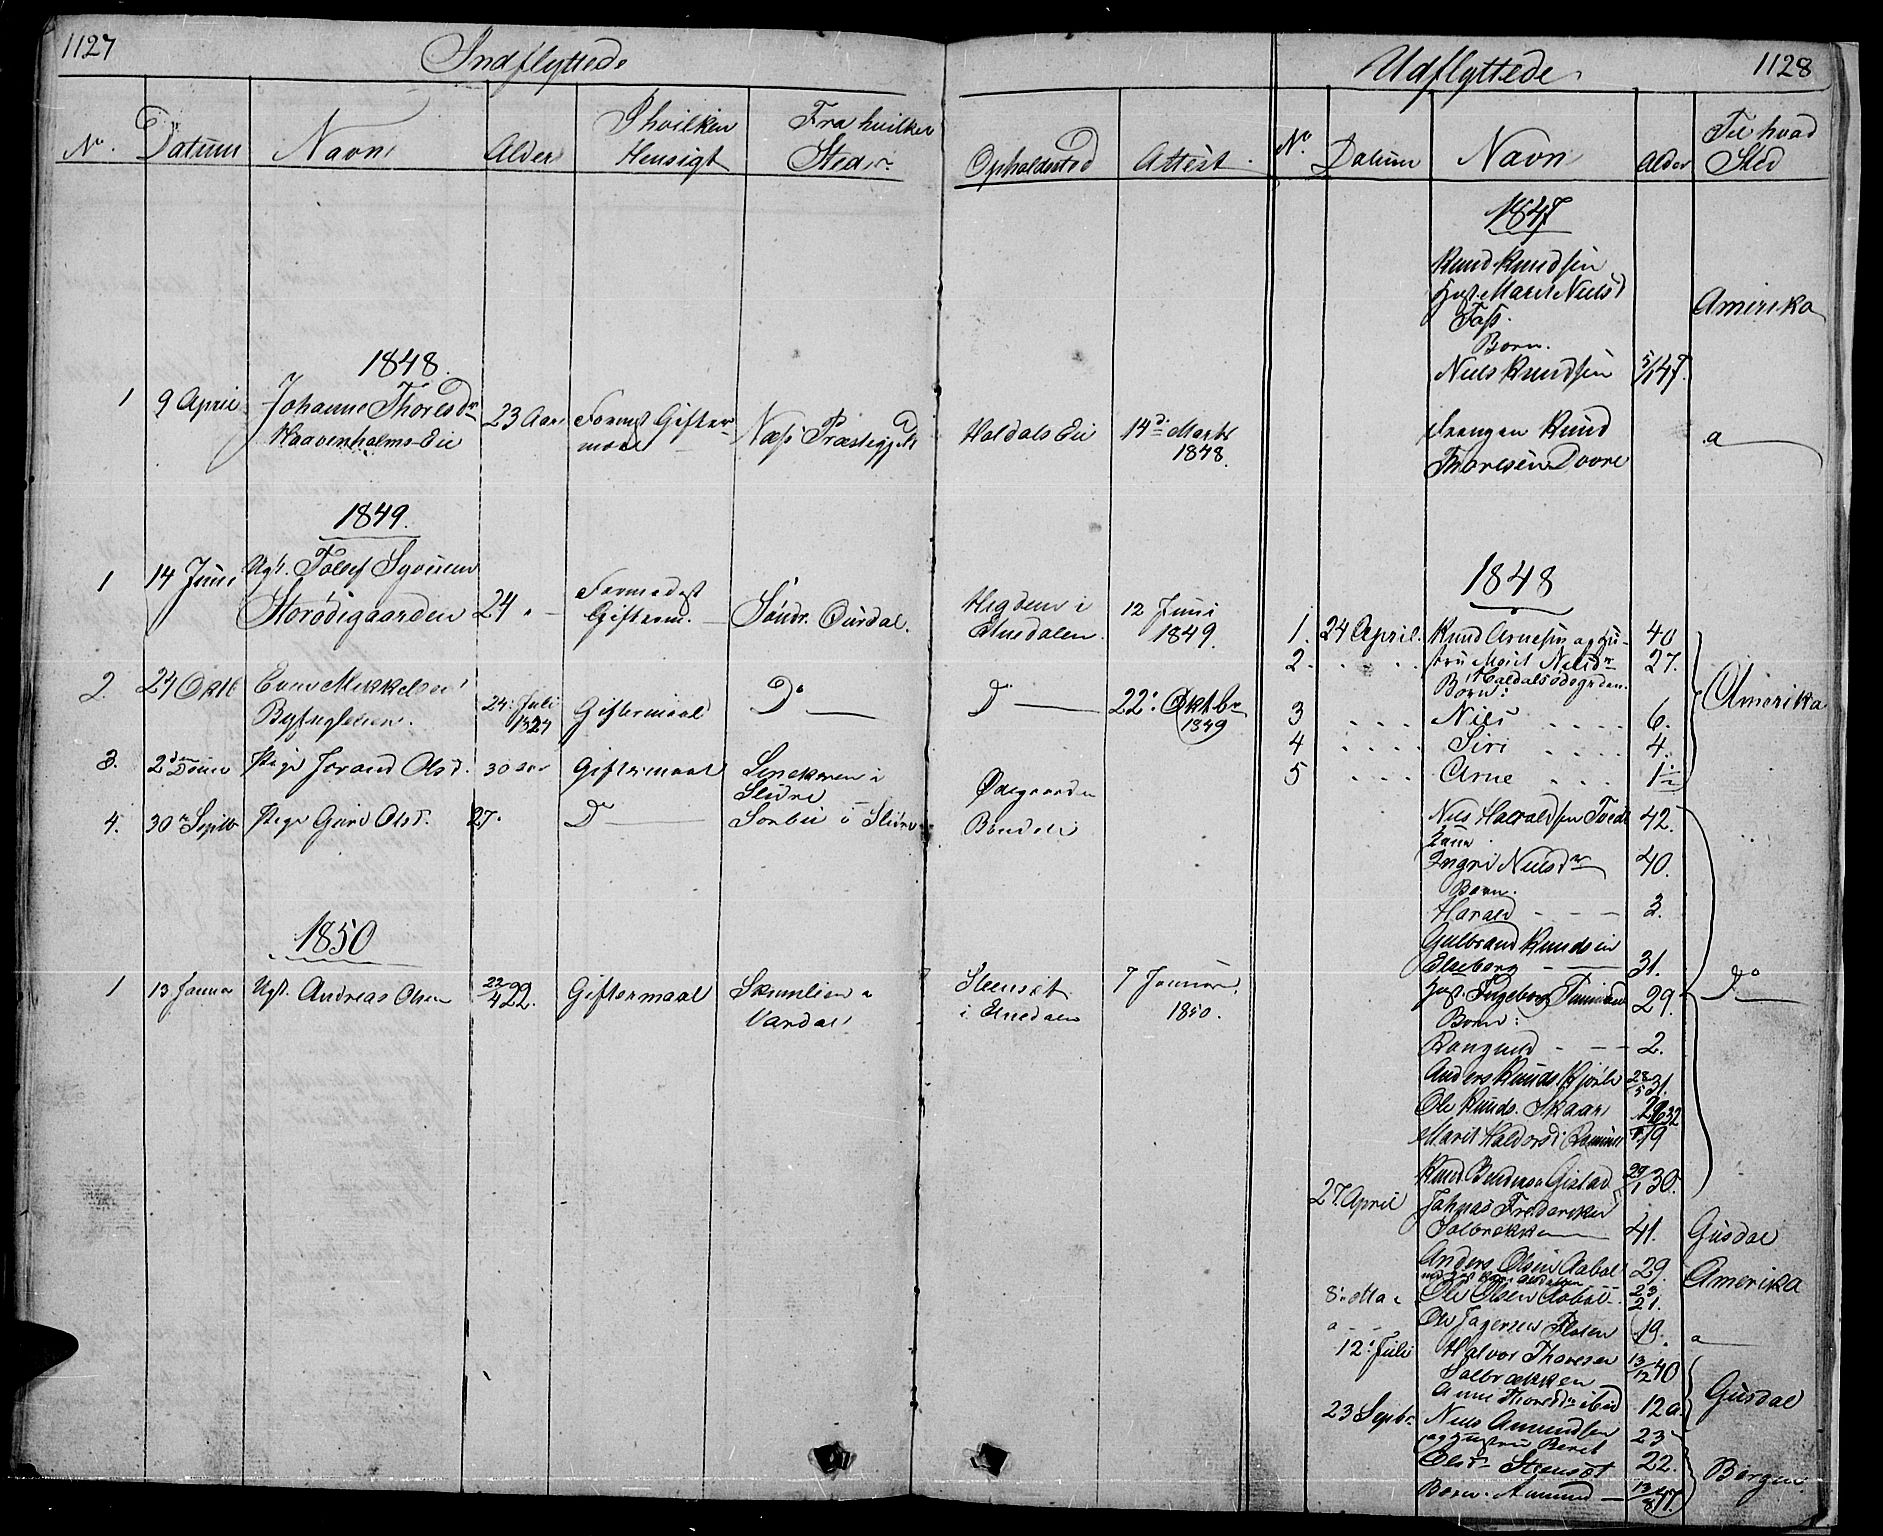 SAH, Nord-Aurdal prestekontor, Klokkerbok nr. 1, 1834-1887, s. 1127-1128